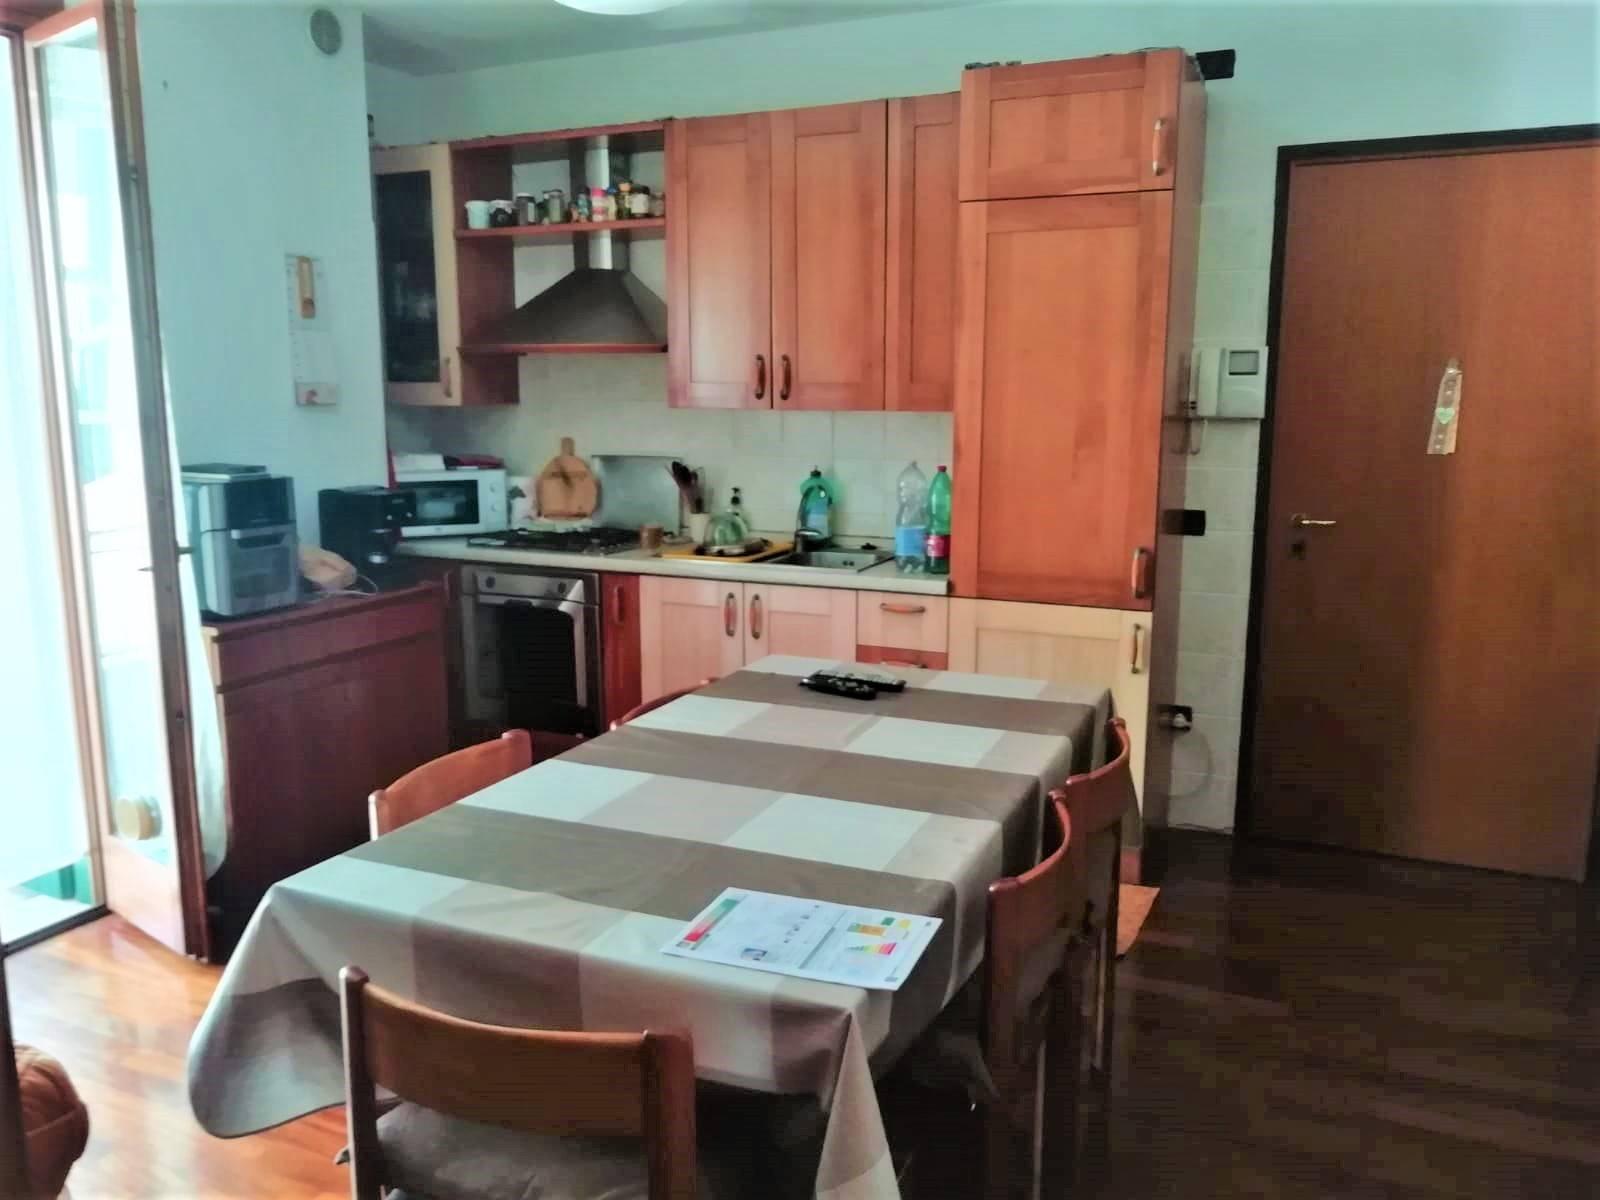 Appartamento in vendita a Preganziol, 4 locali, zona Località: Sambugh?, prezzo € 100.000   PortaleAgenzieImmobiliari.it